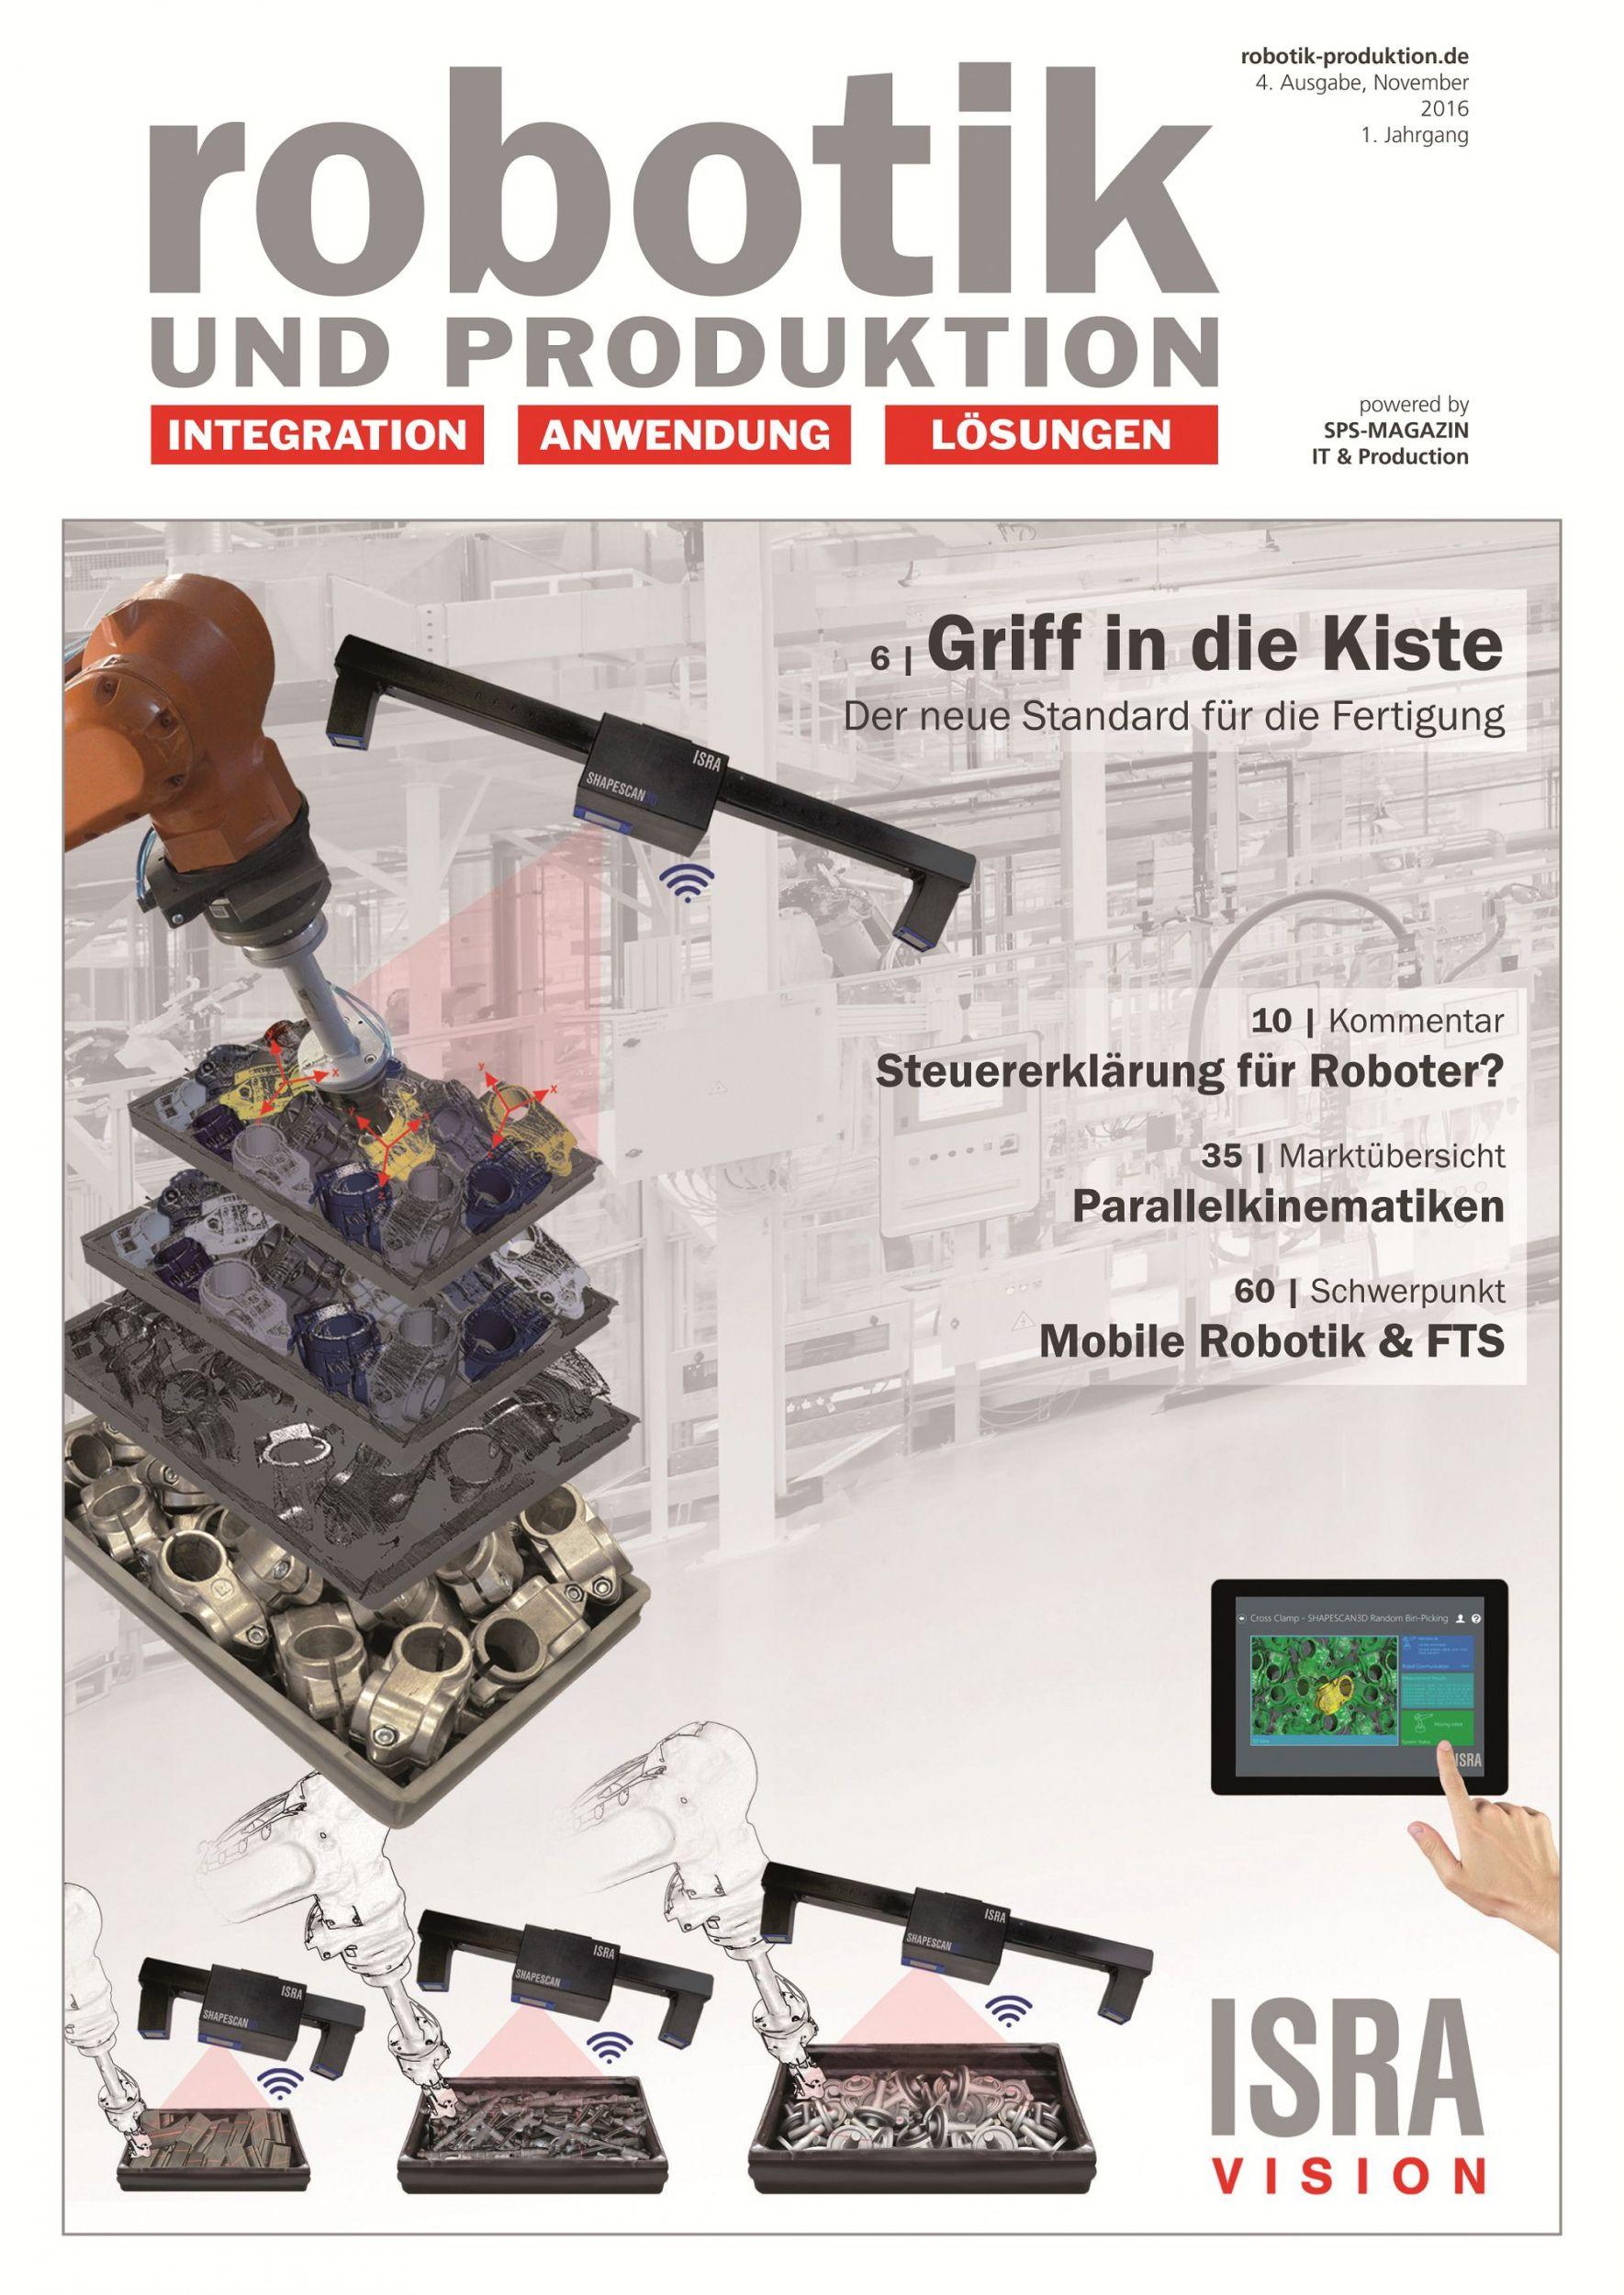 Robotik und Produktion 4/16 (November) ist online